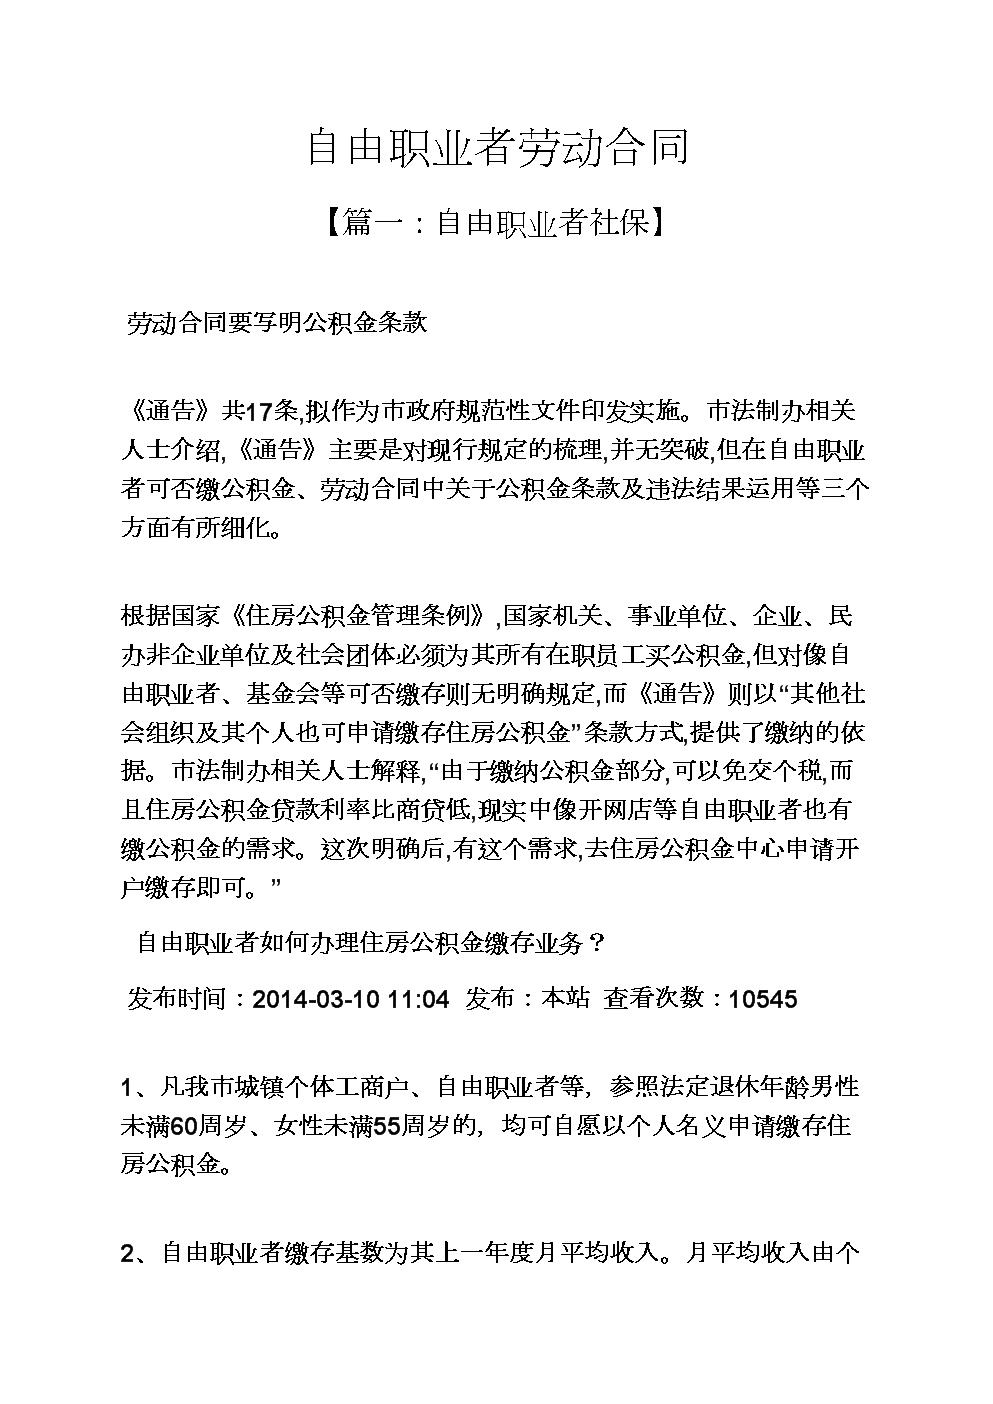 合同范本之自由职业者劳动合同.docx